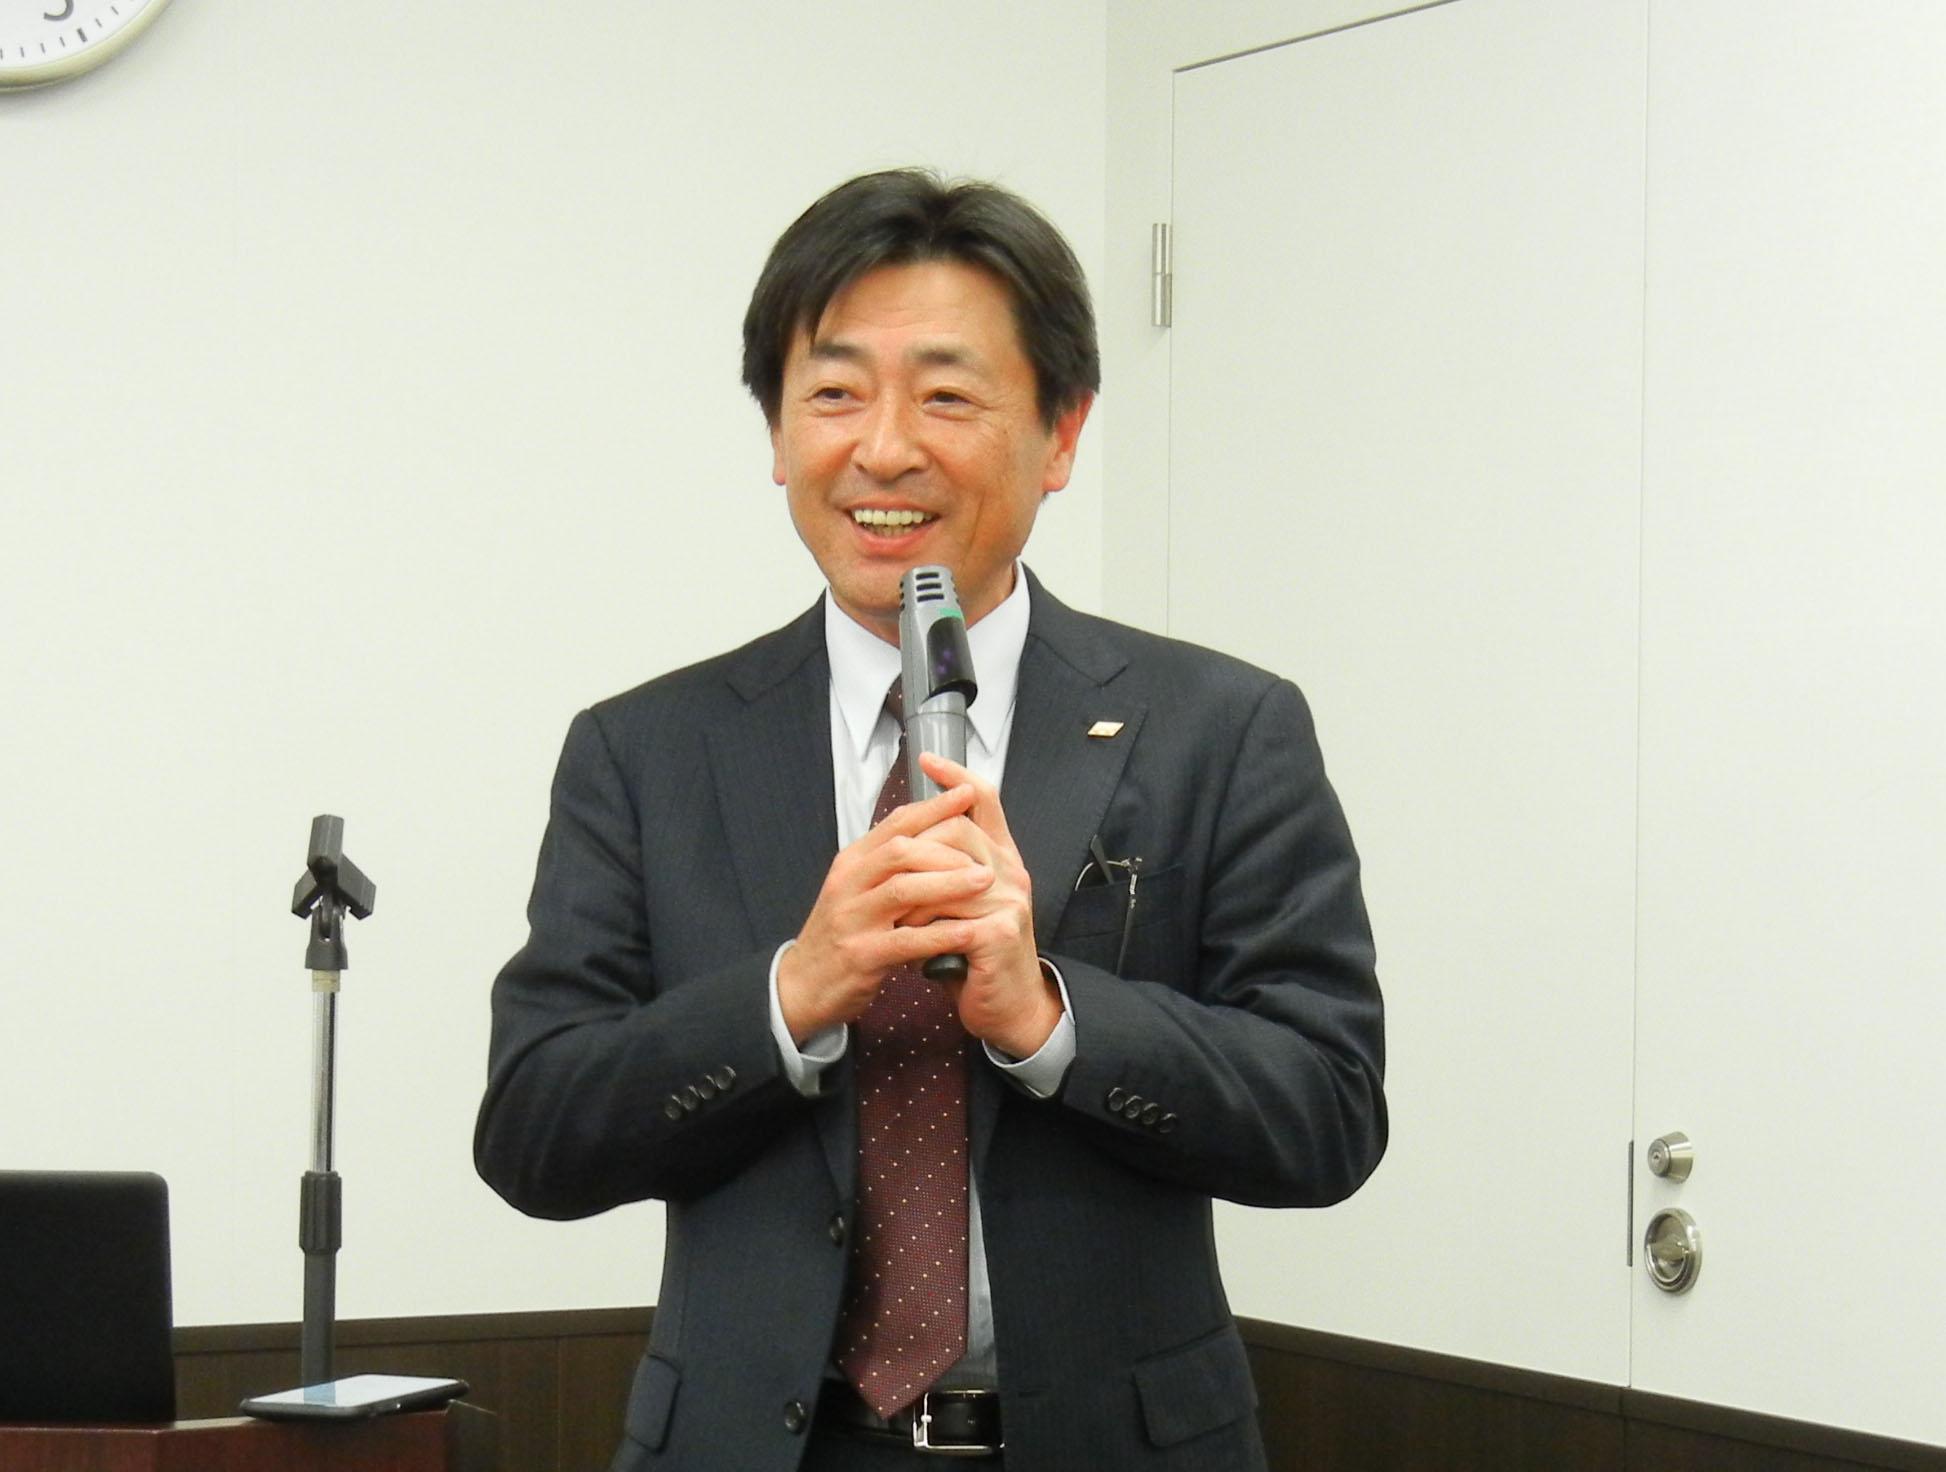 ユーザー会の冒頭あいさつする西川会長